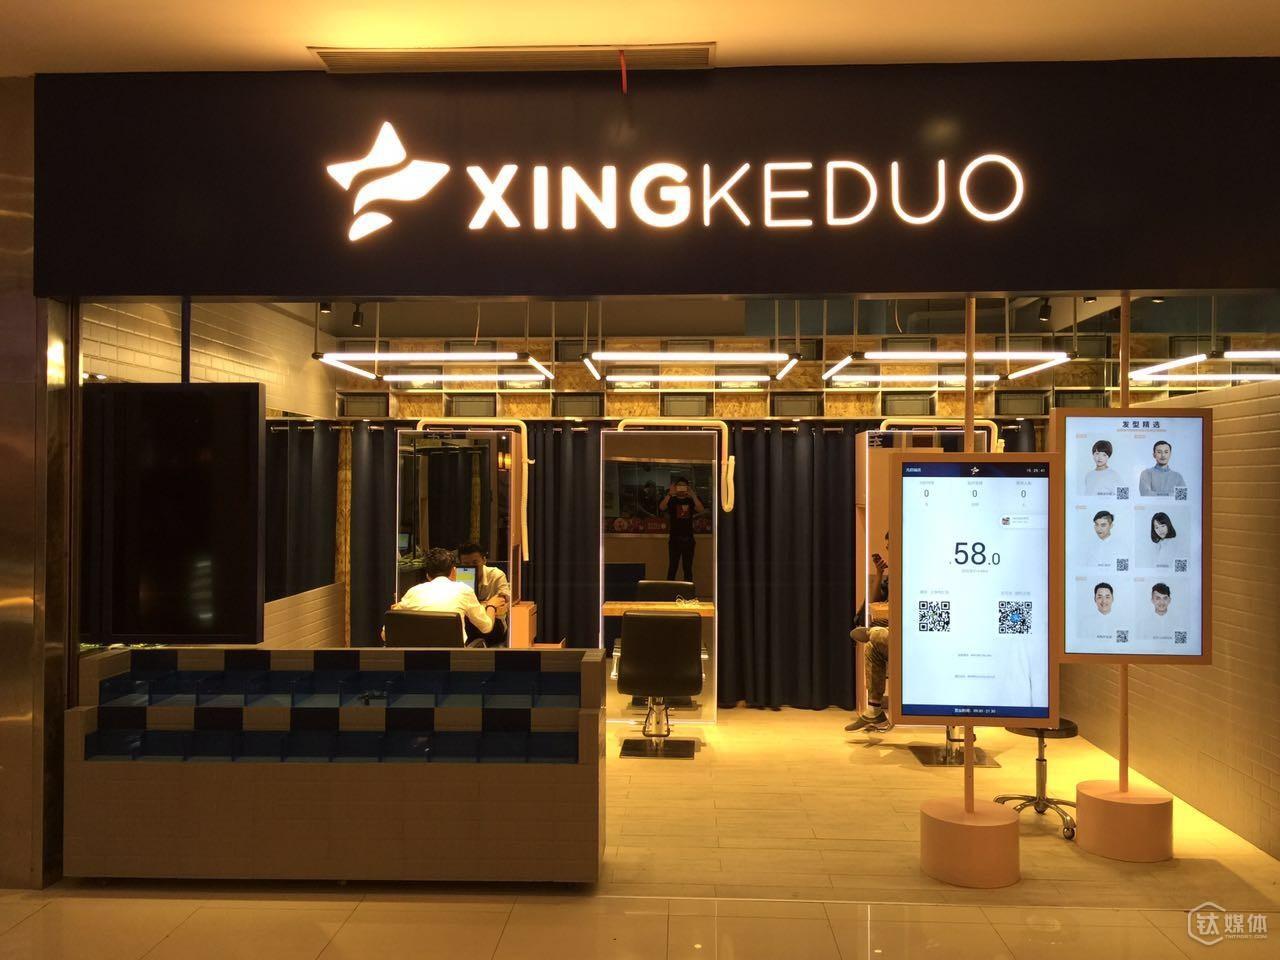 已经有人在上海街头拍摄到了星客多的3.0店面